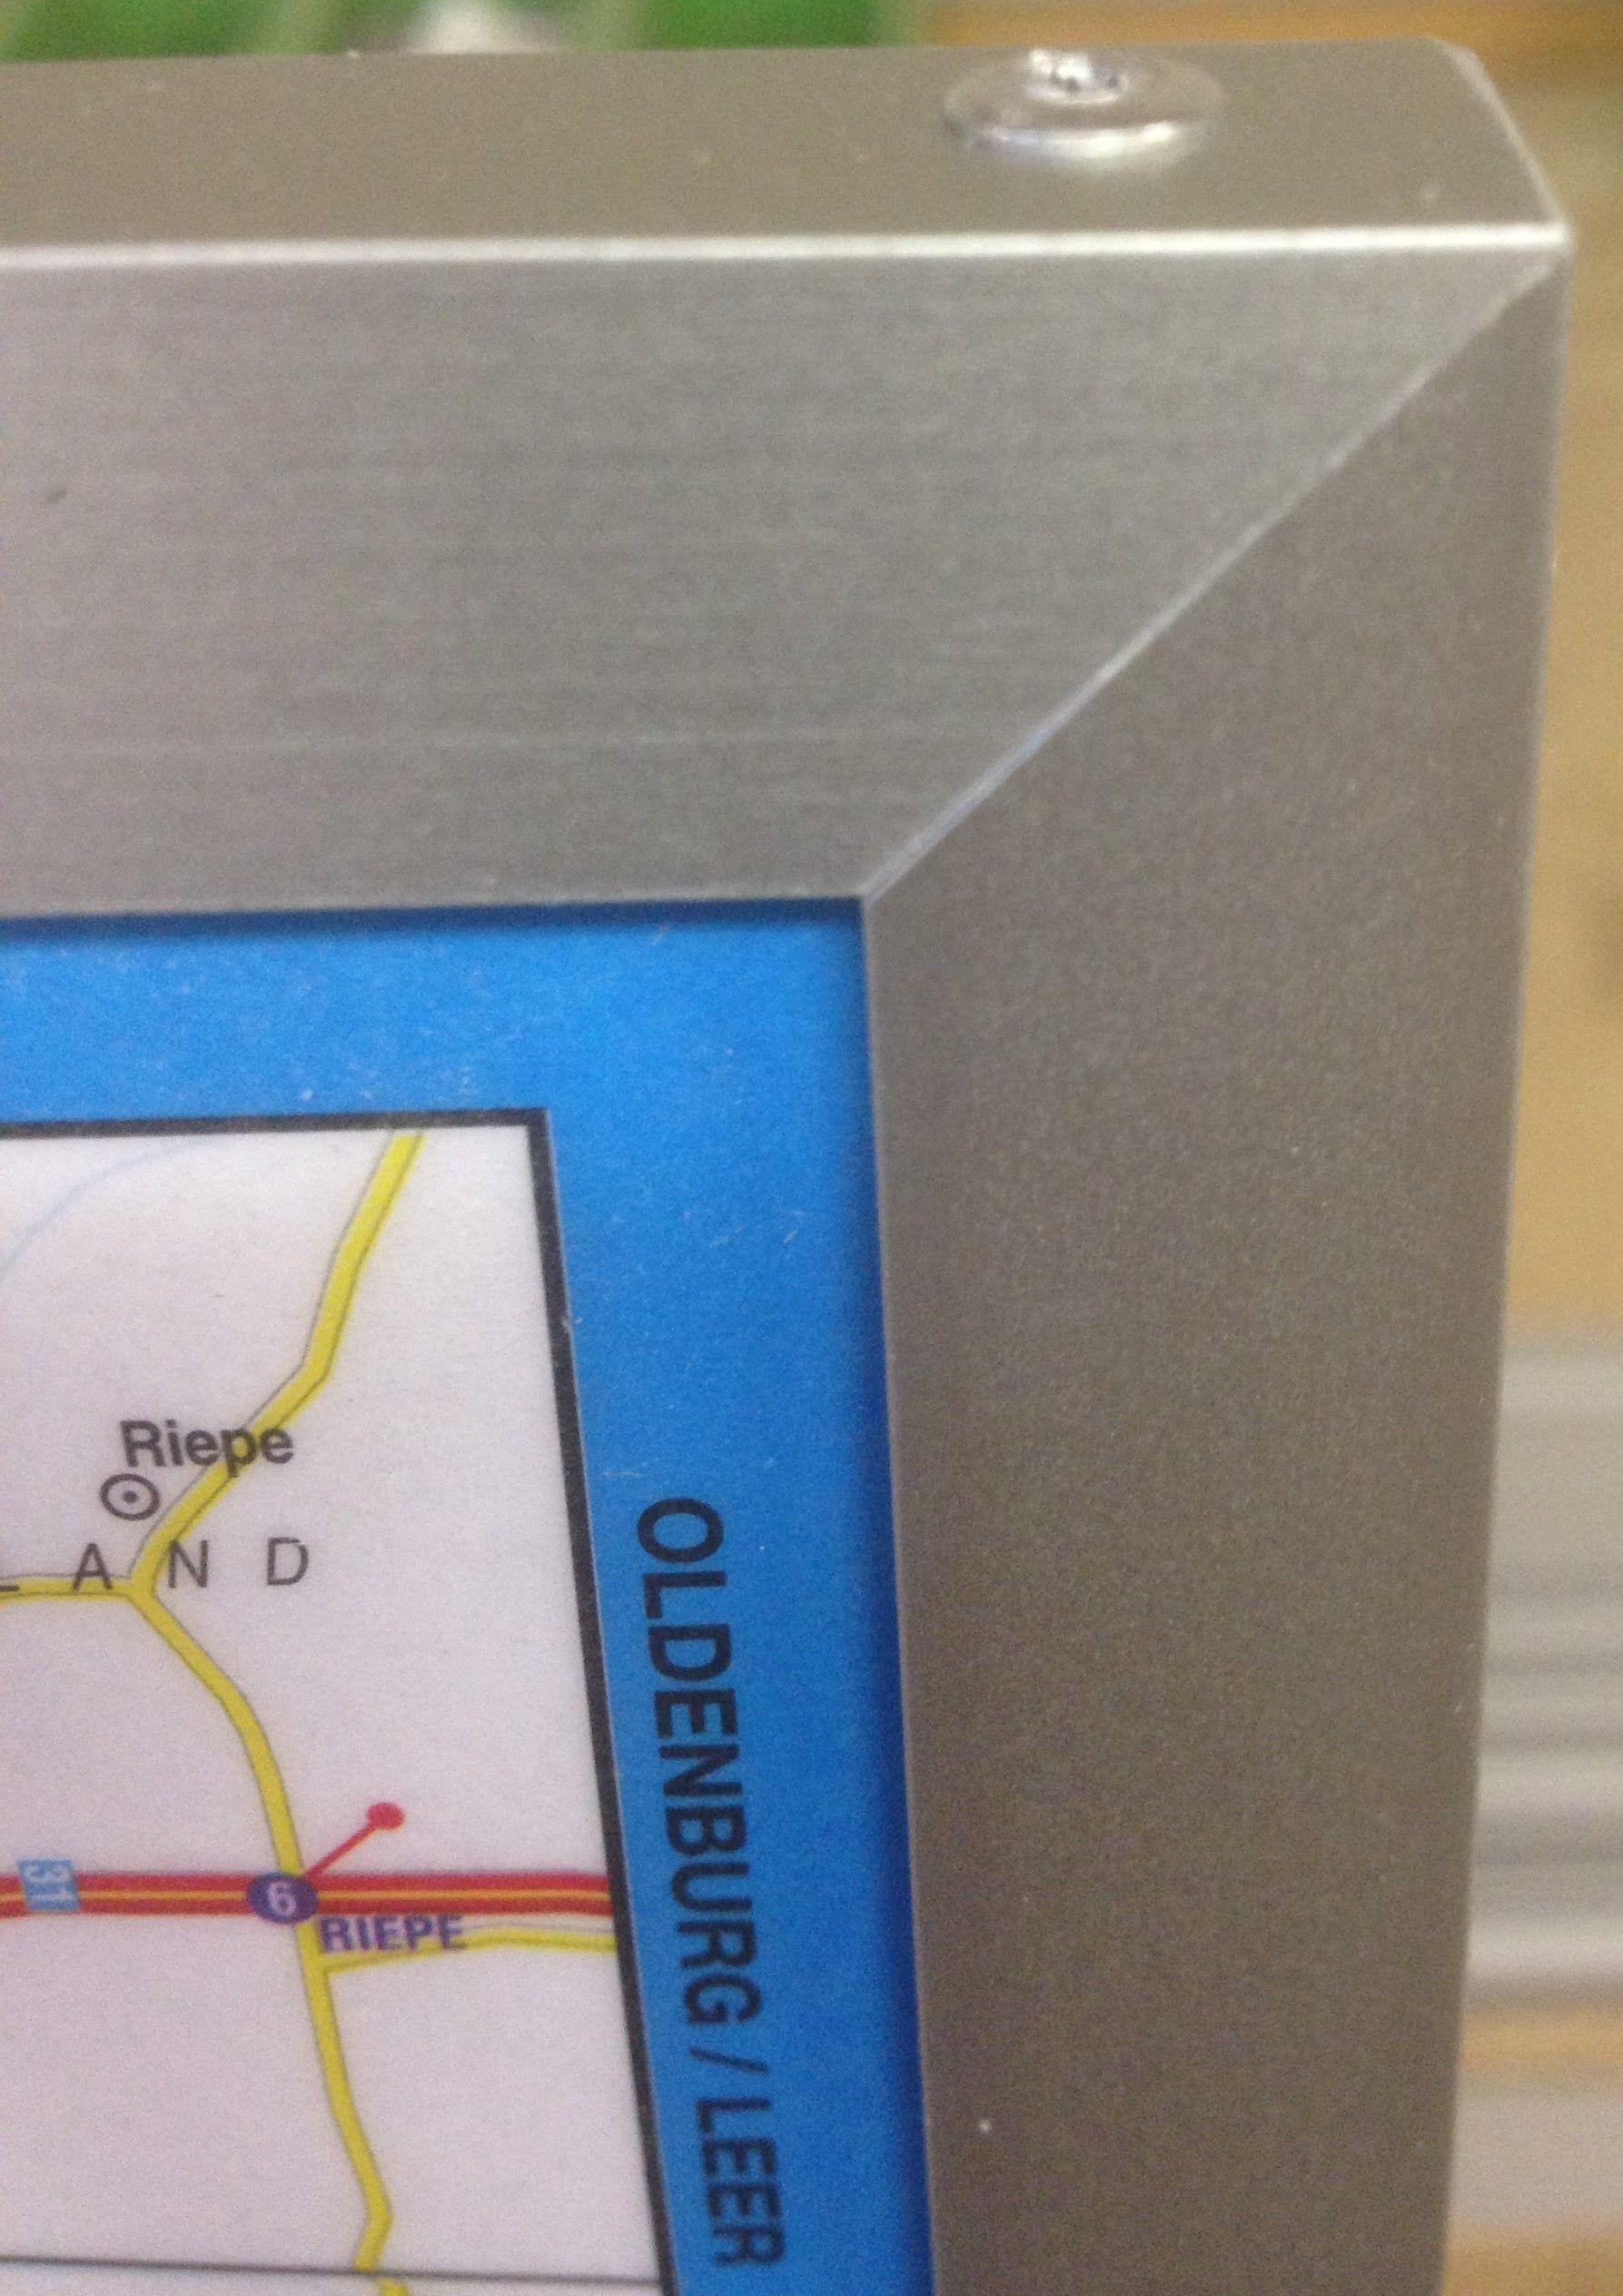 Topografische kaart schaal 1:50.000 (Ter Apel,Emmen,Coevorden,Hardenberg)